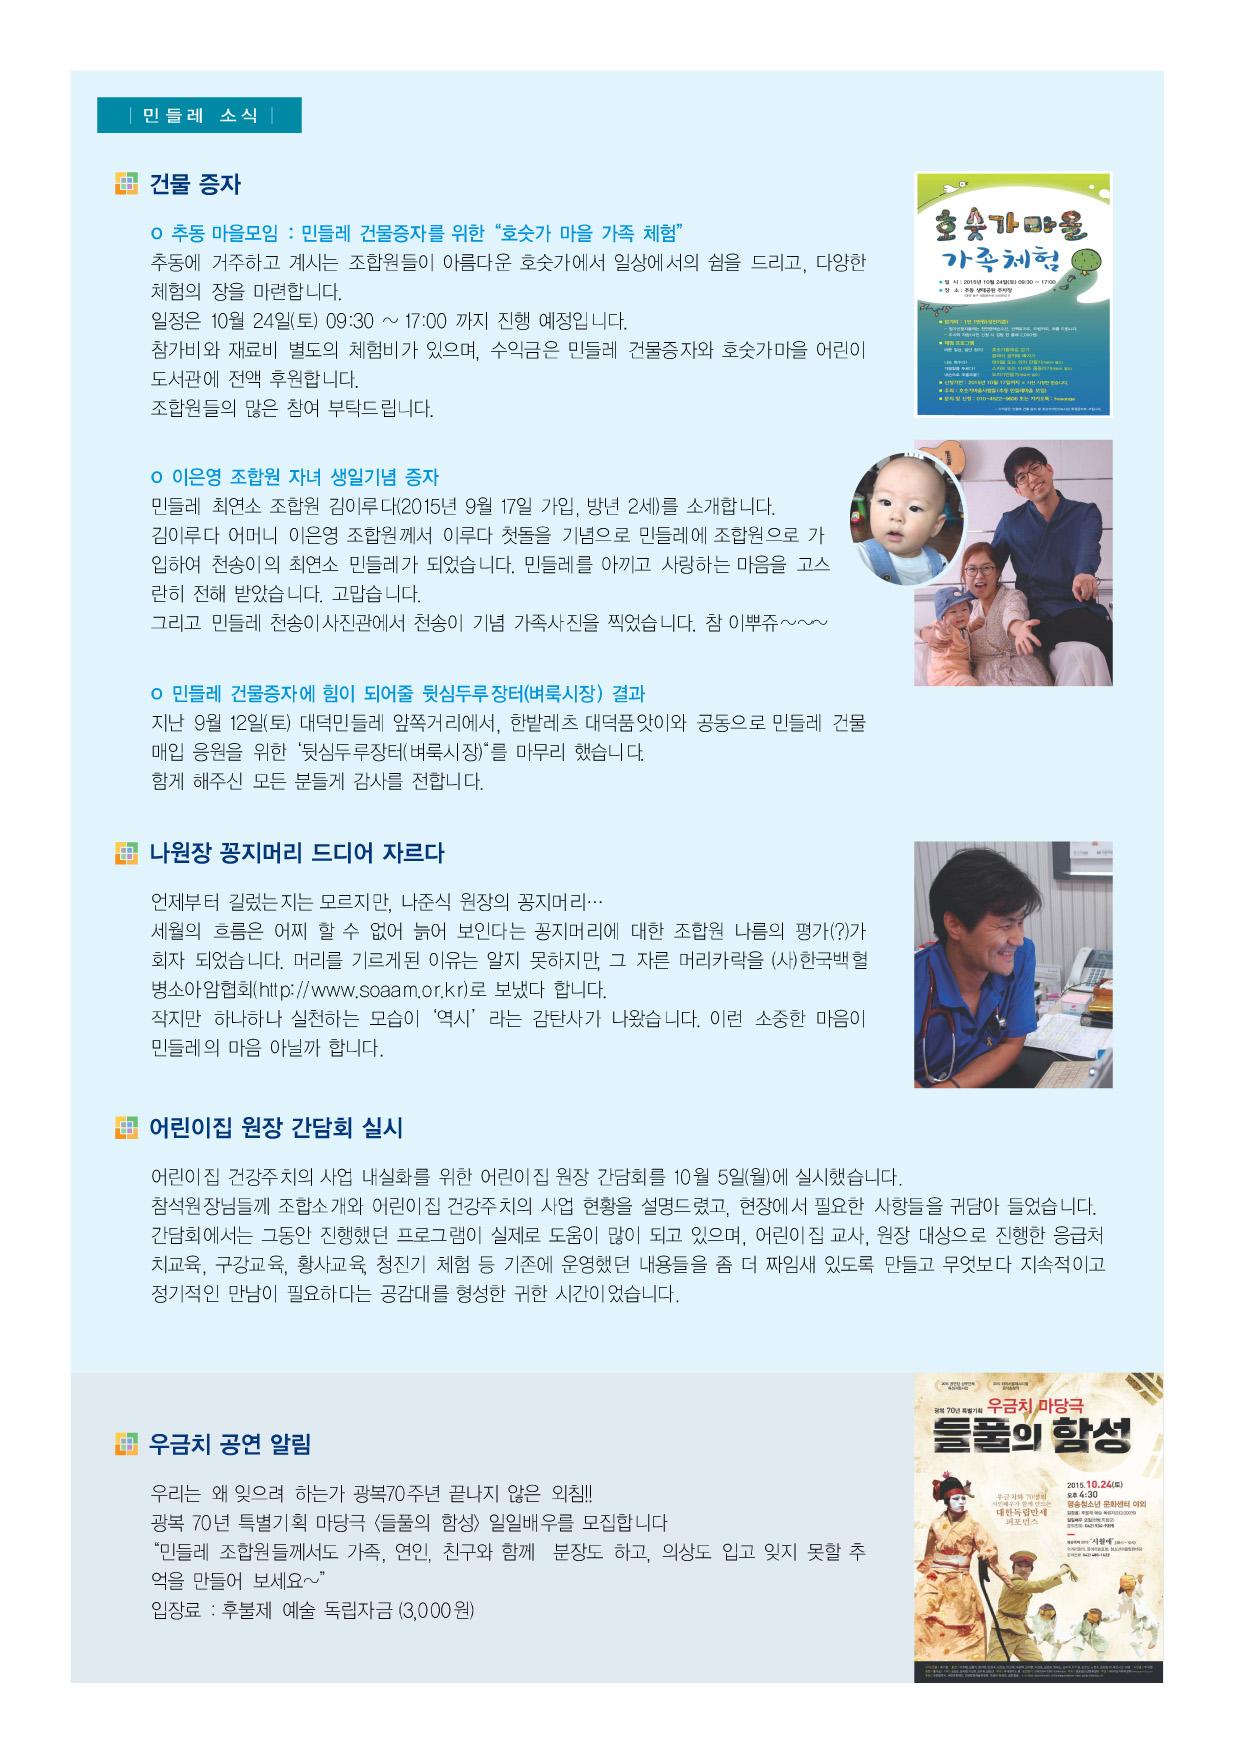 민들레10월호4.jpg